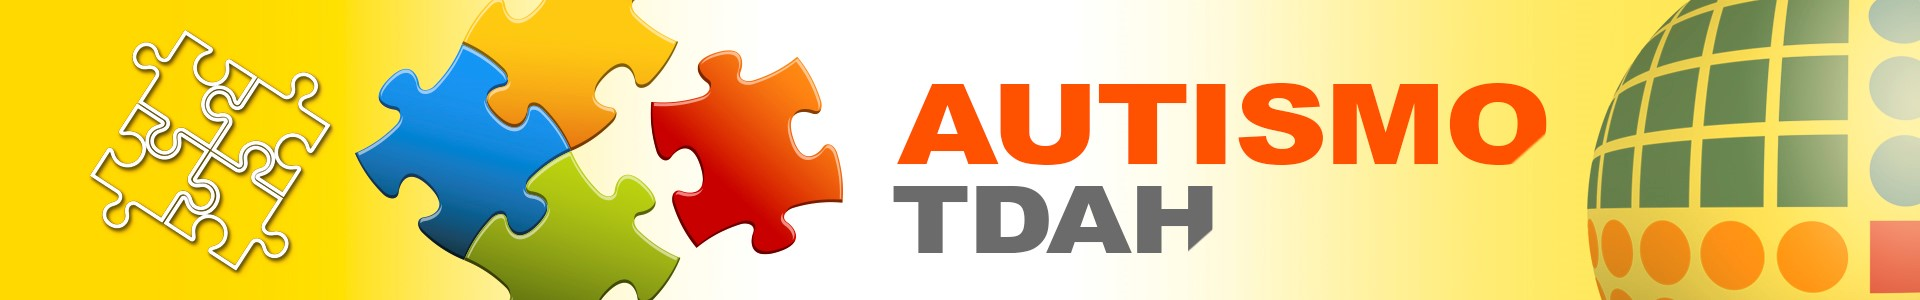 Autismo y TDAH LABORATORIO CALDERON